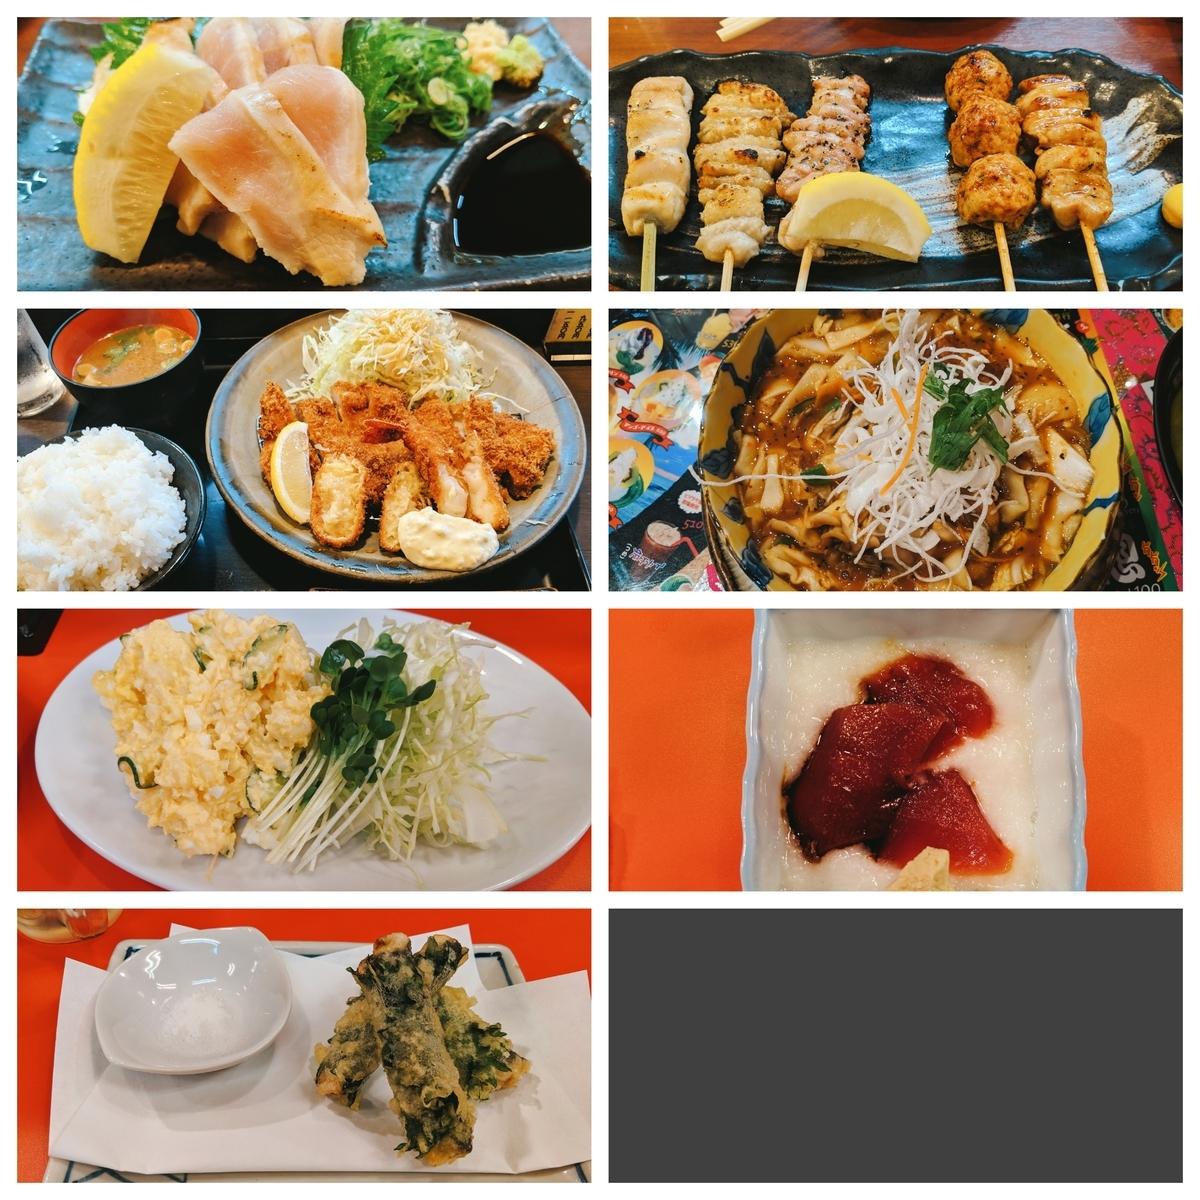 f:id:nichijo-ni-ikiru:20191117073941j:plain